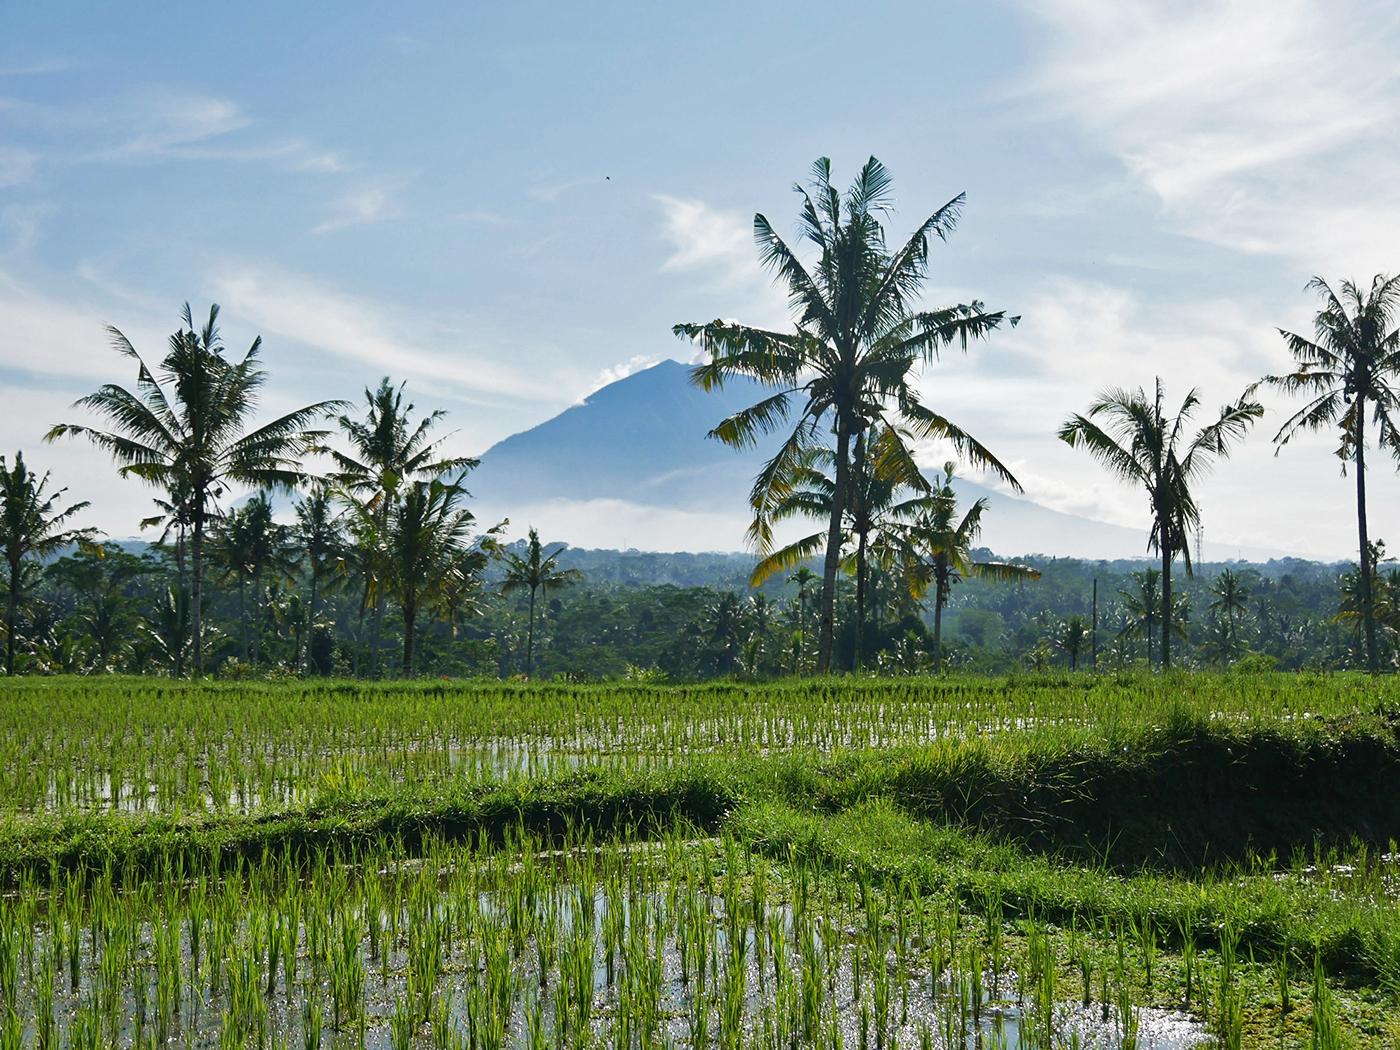 Agung vulcano Bali - where to travel in 2021